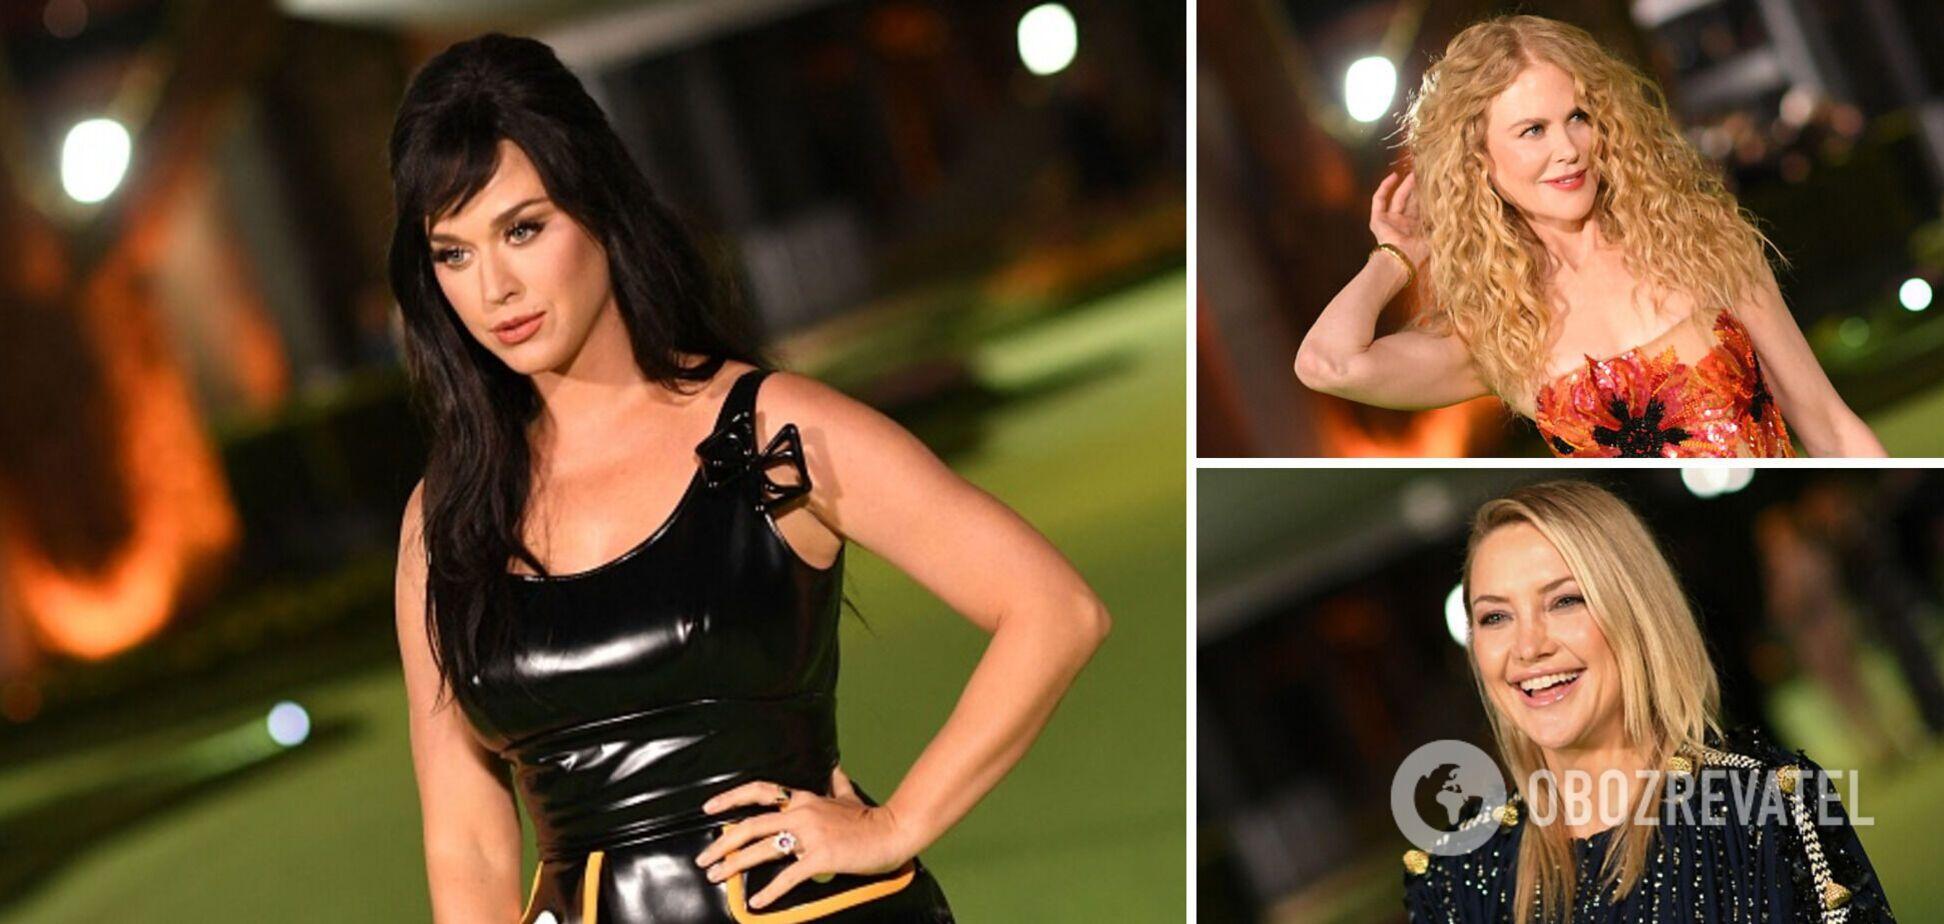 Софи Лорен, Кидман и Леди Гага: самые яркие образы звезд на открытии Музея кино. Фото